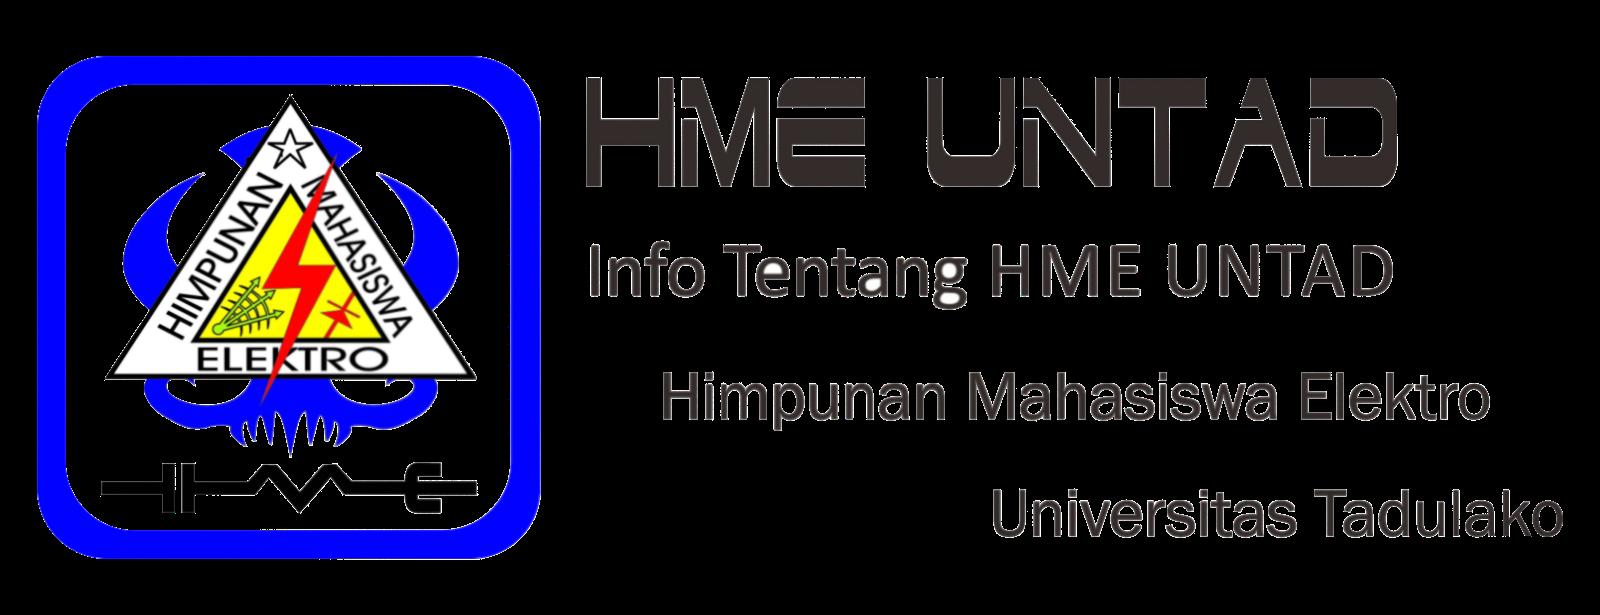 HME UNTAD